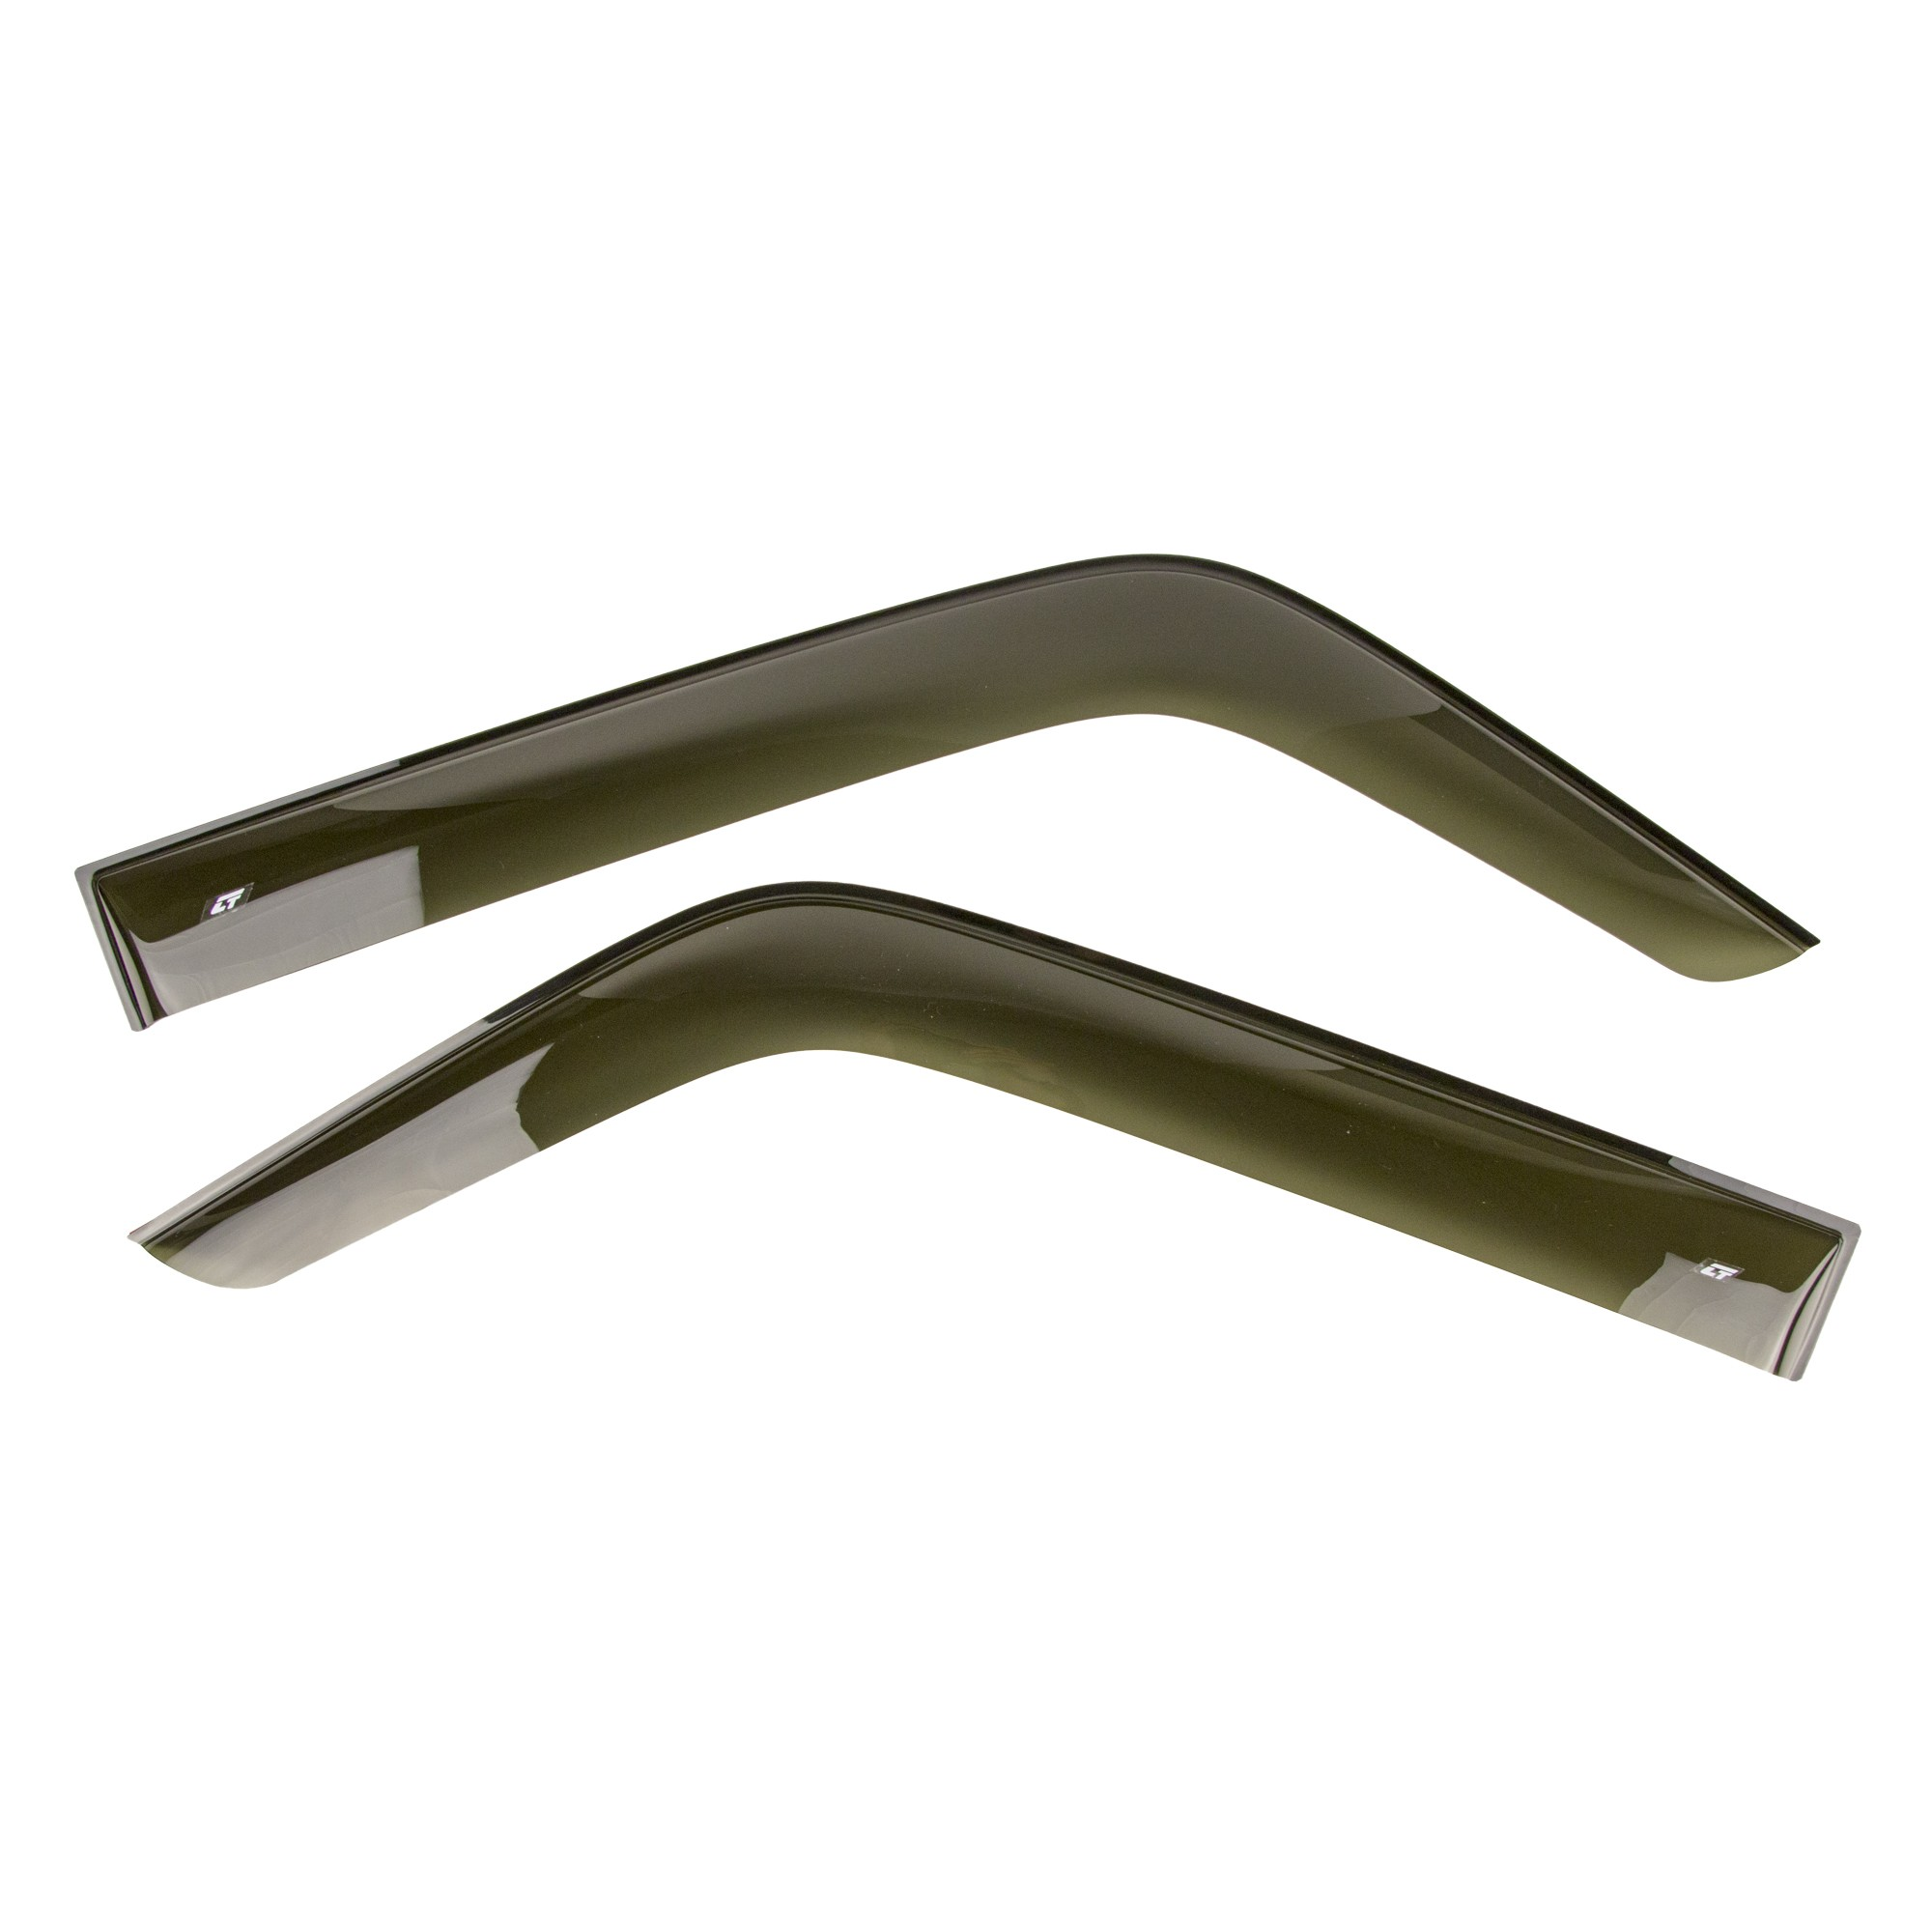 Дефлекторы боковых стекол (ветровики) широкие Cobra Tuning для LADA Niva Legend (21214)